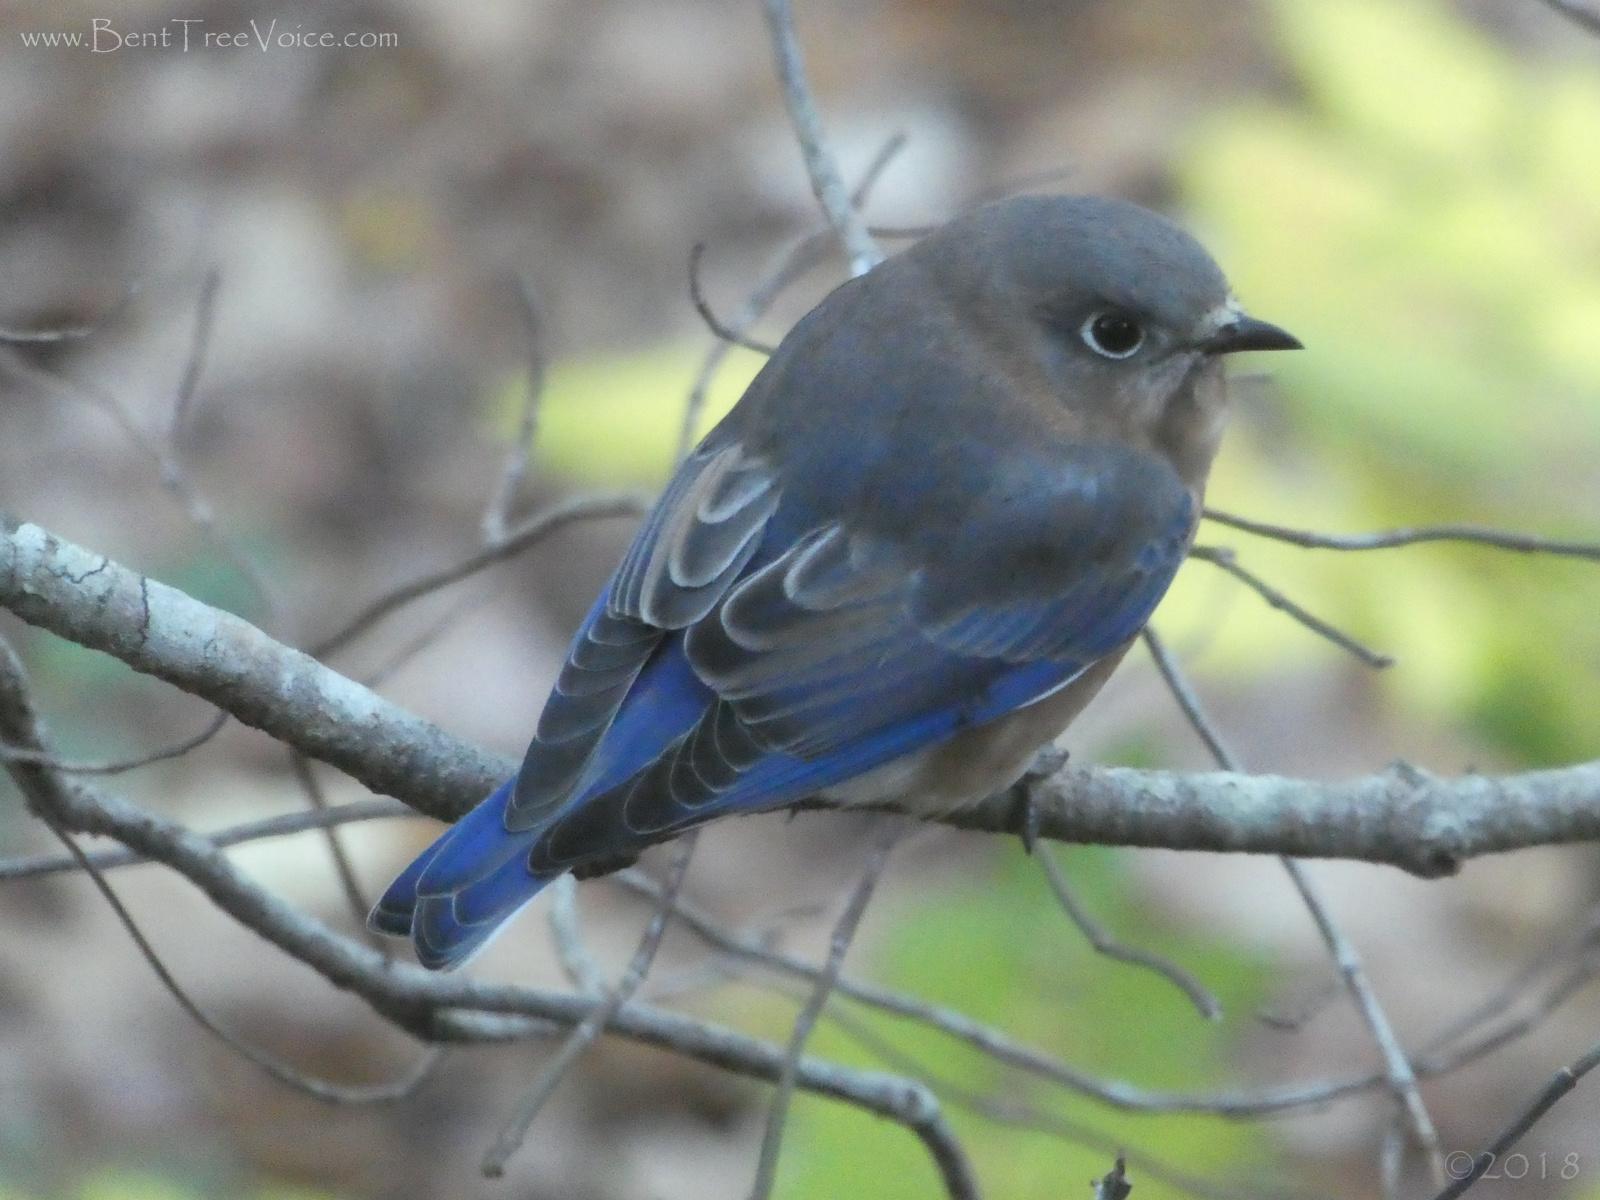 November 22, 2018 - bluebird in Bent Tree